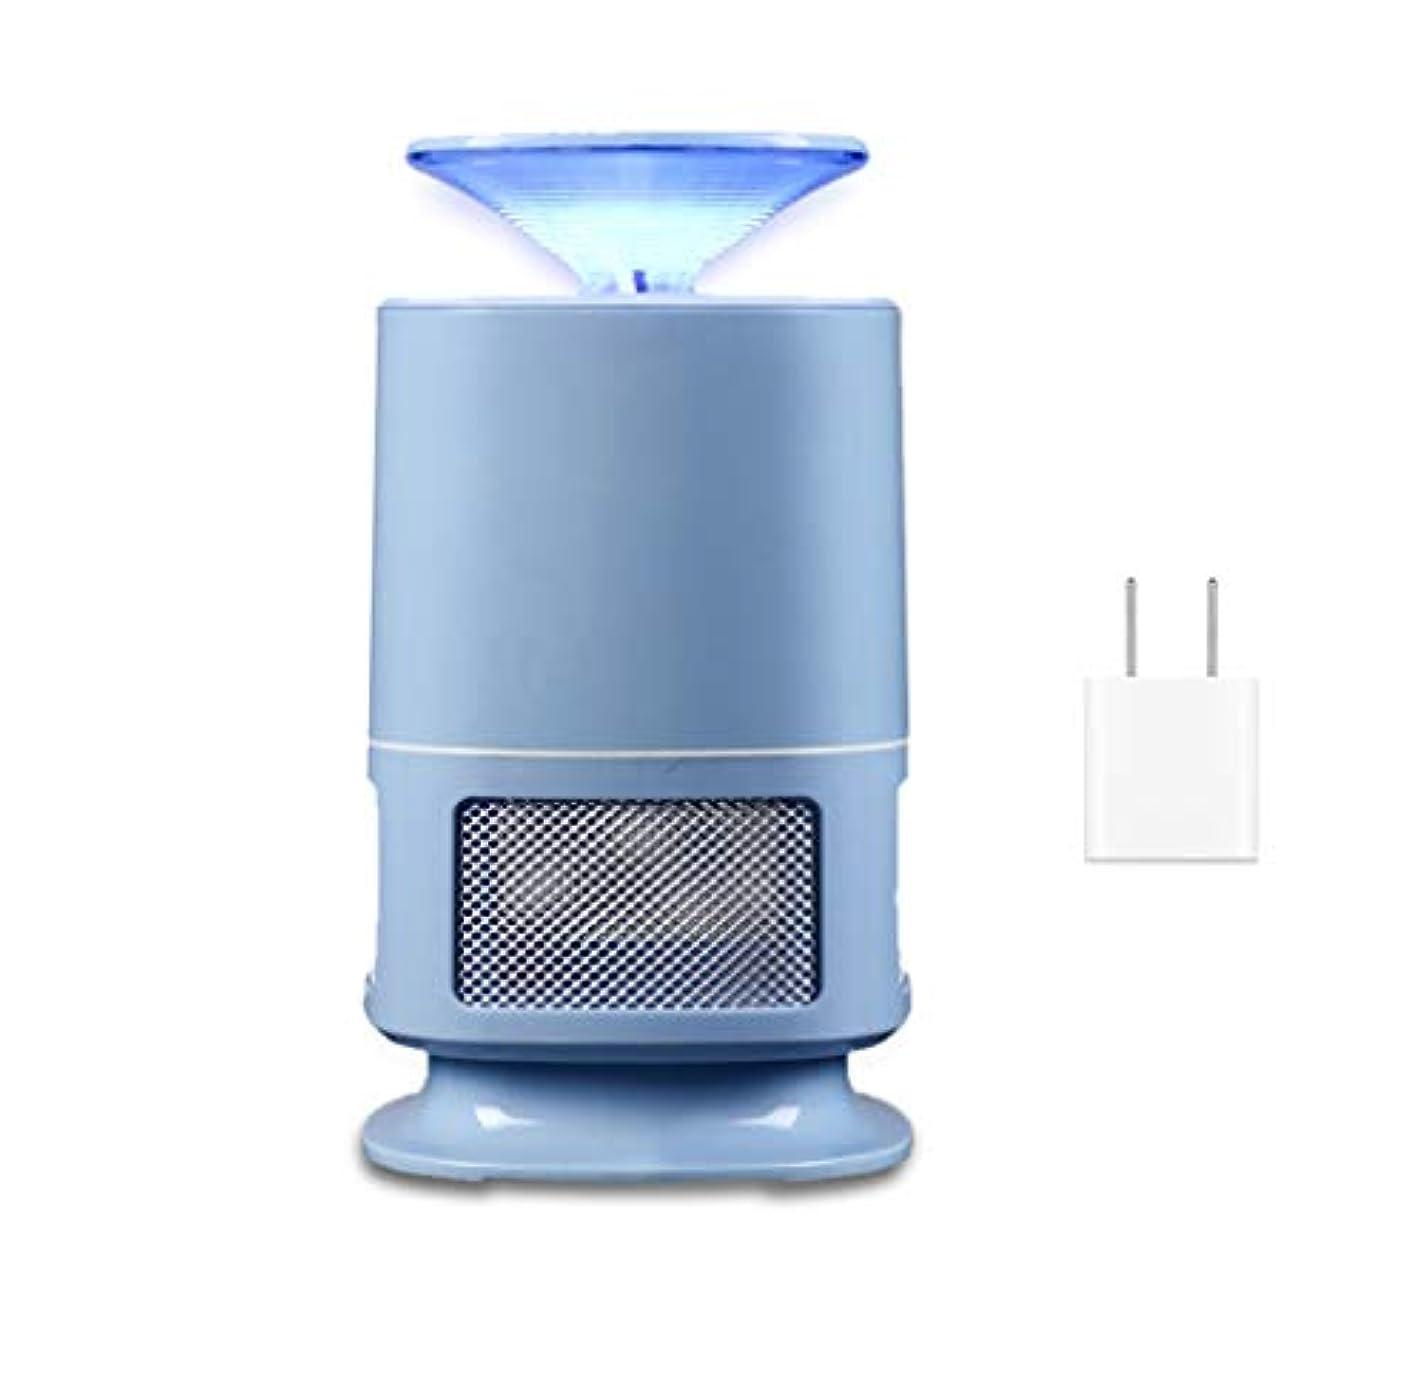 蚊キラー 蚊キラー電気蚊ランプUSB電子蚊電灯LED夜電球昆虫キラー蚊蚊吸入ペストトラップ (色 : 青)